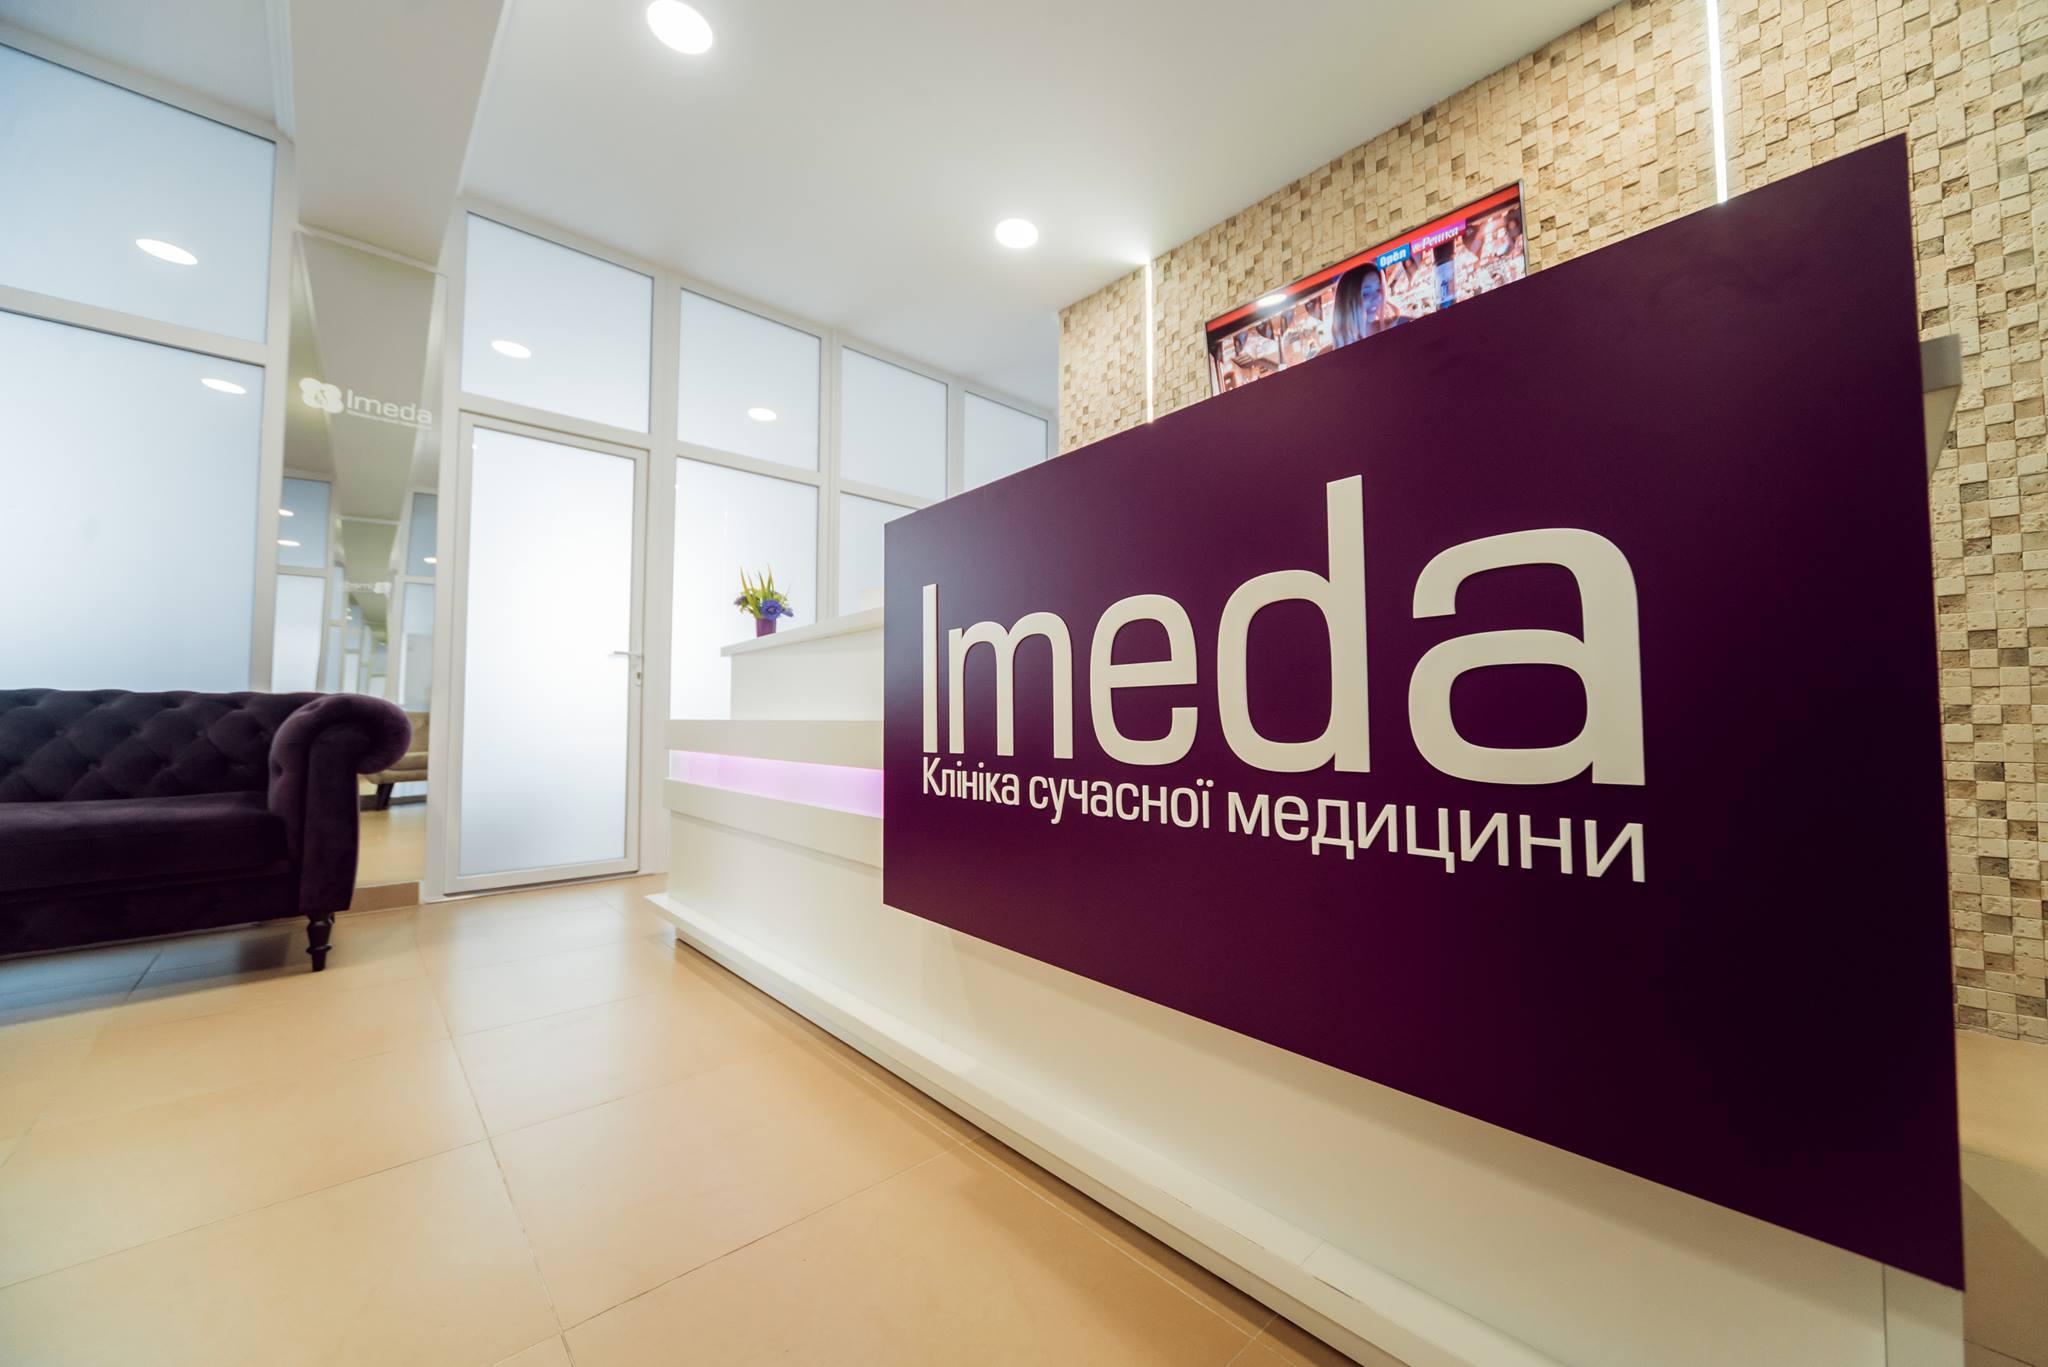 Клиника современной медицины Imeda отзывы. Имеда Винница отзывы.